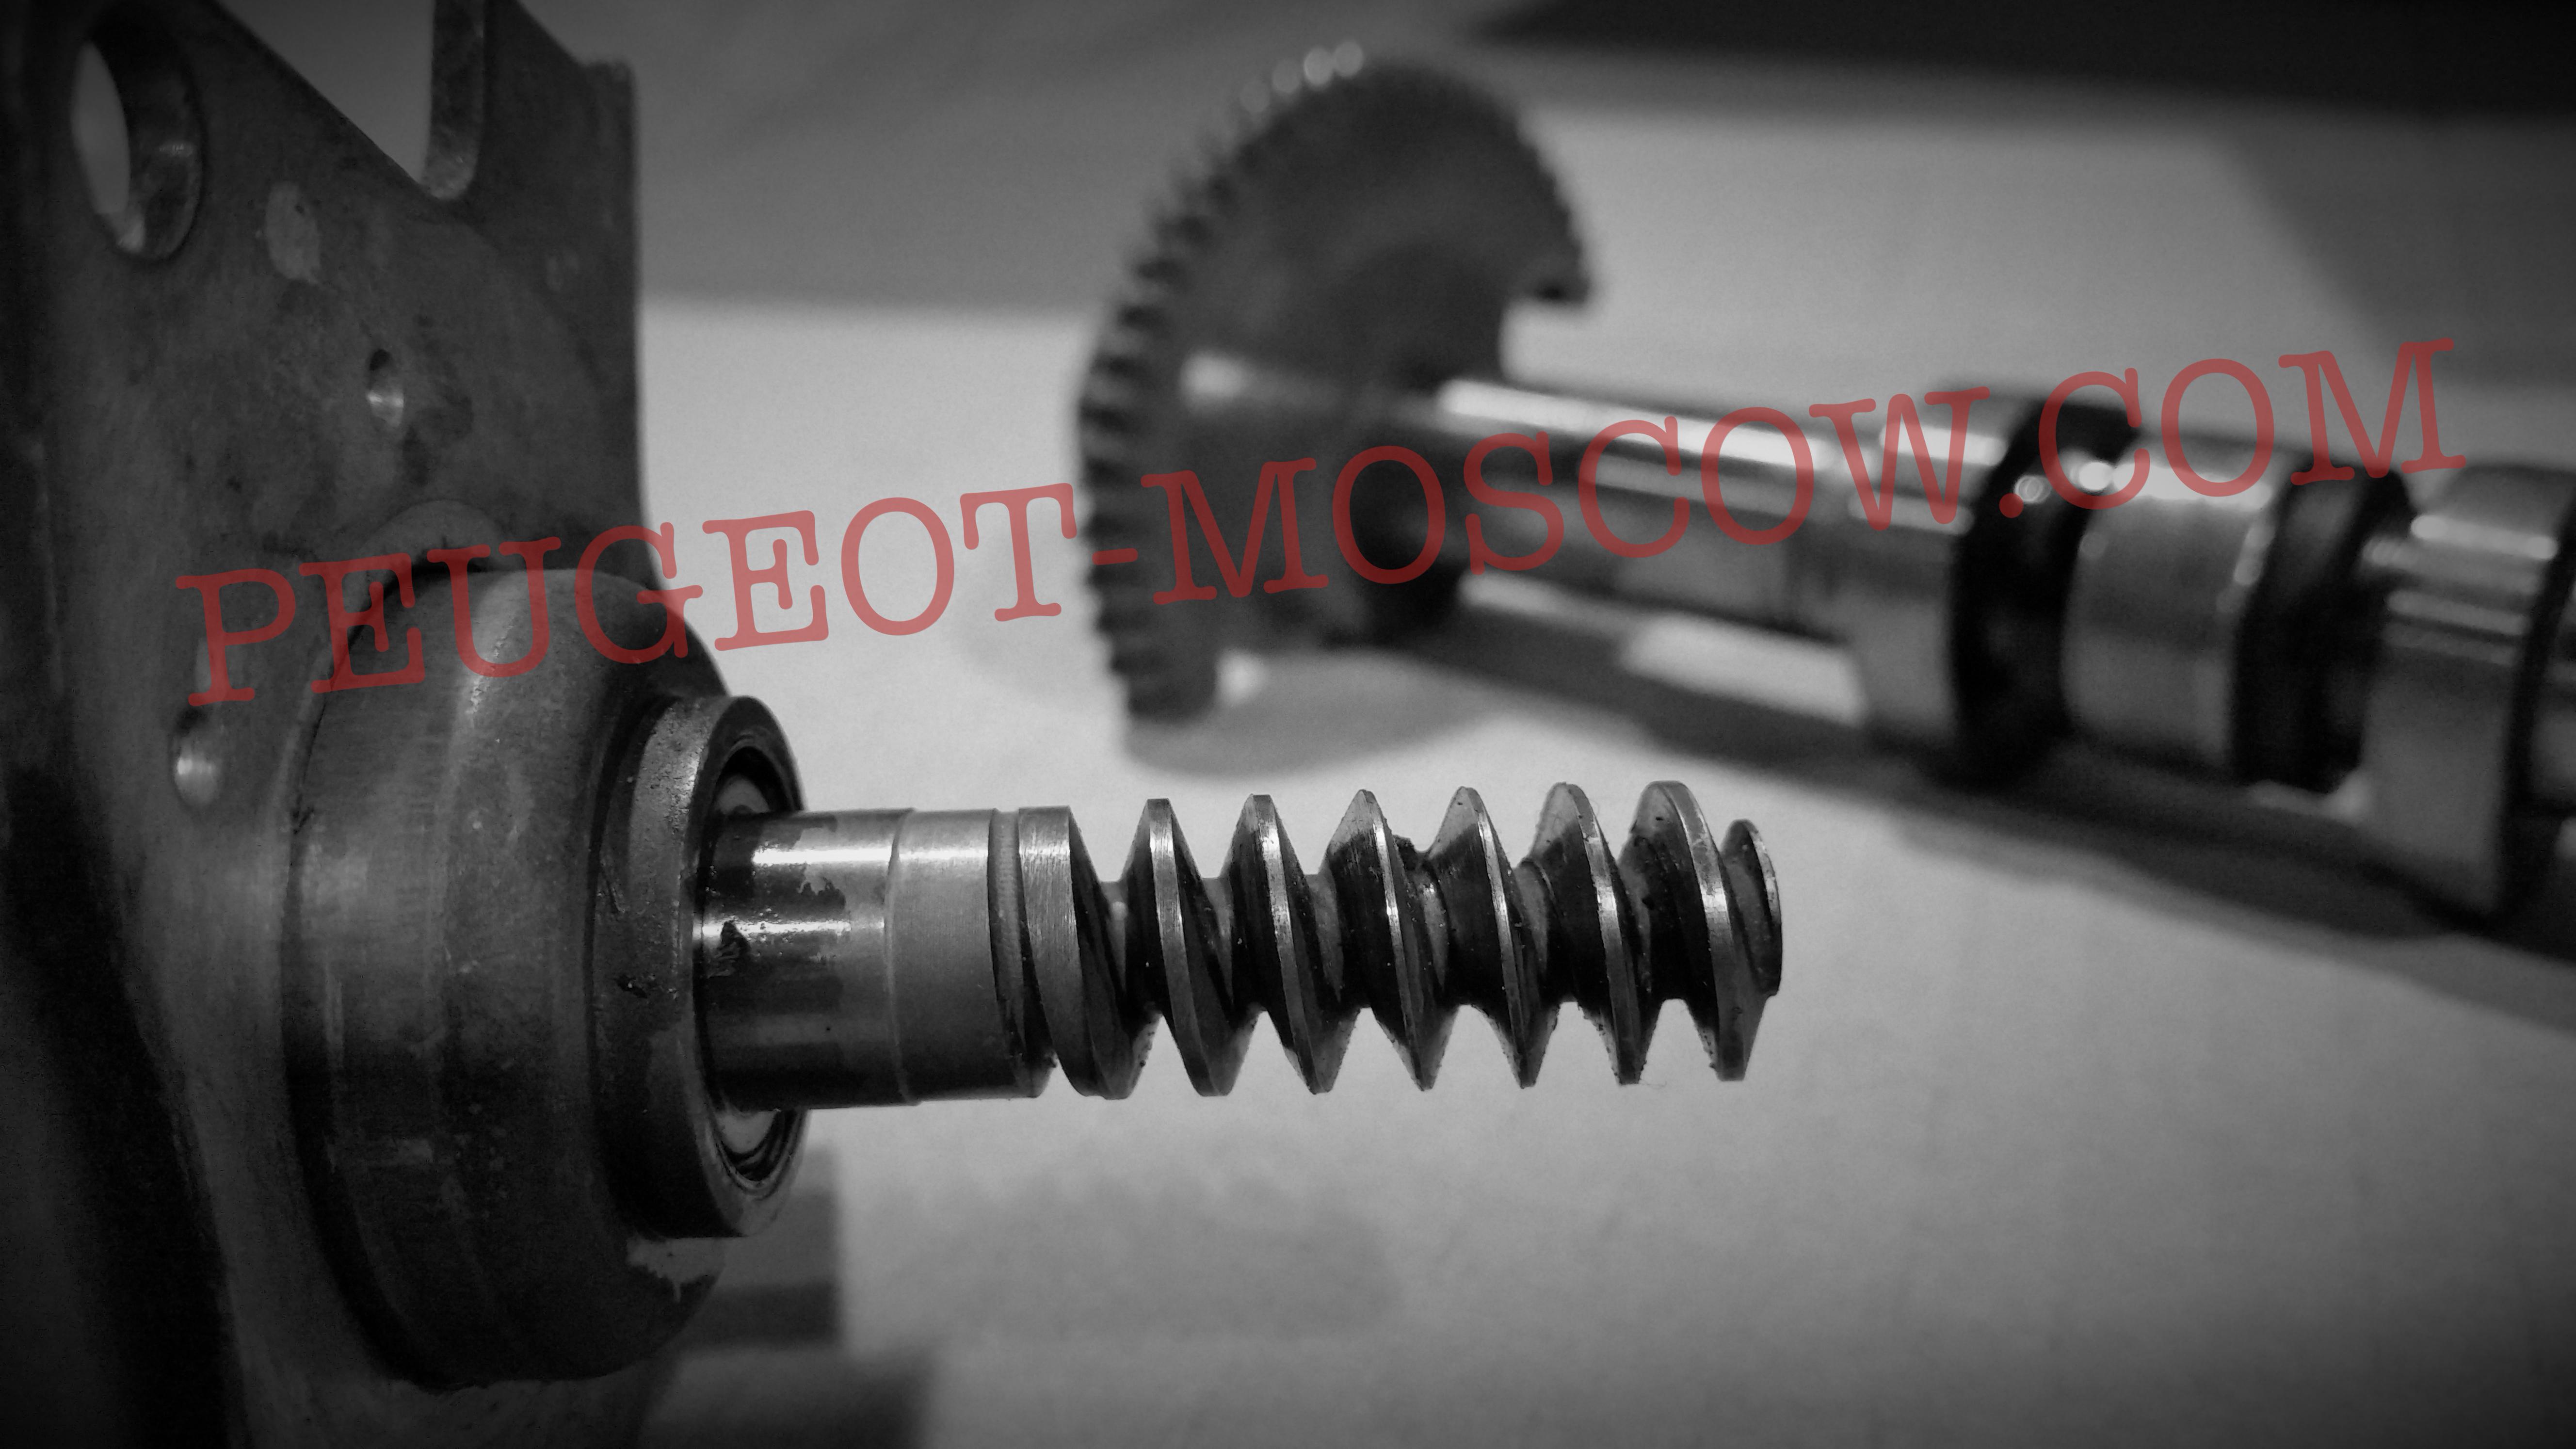 Проблемы двигателей EP6 и EP6DT Пежо, Ситроен | Peugeot | ПЕЖО